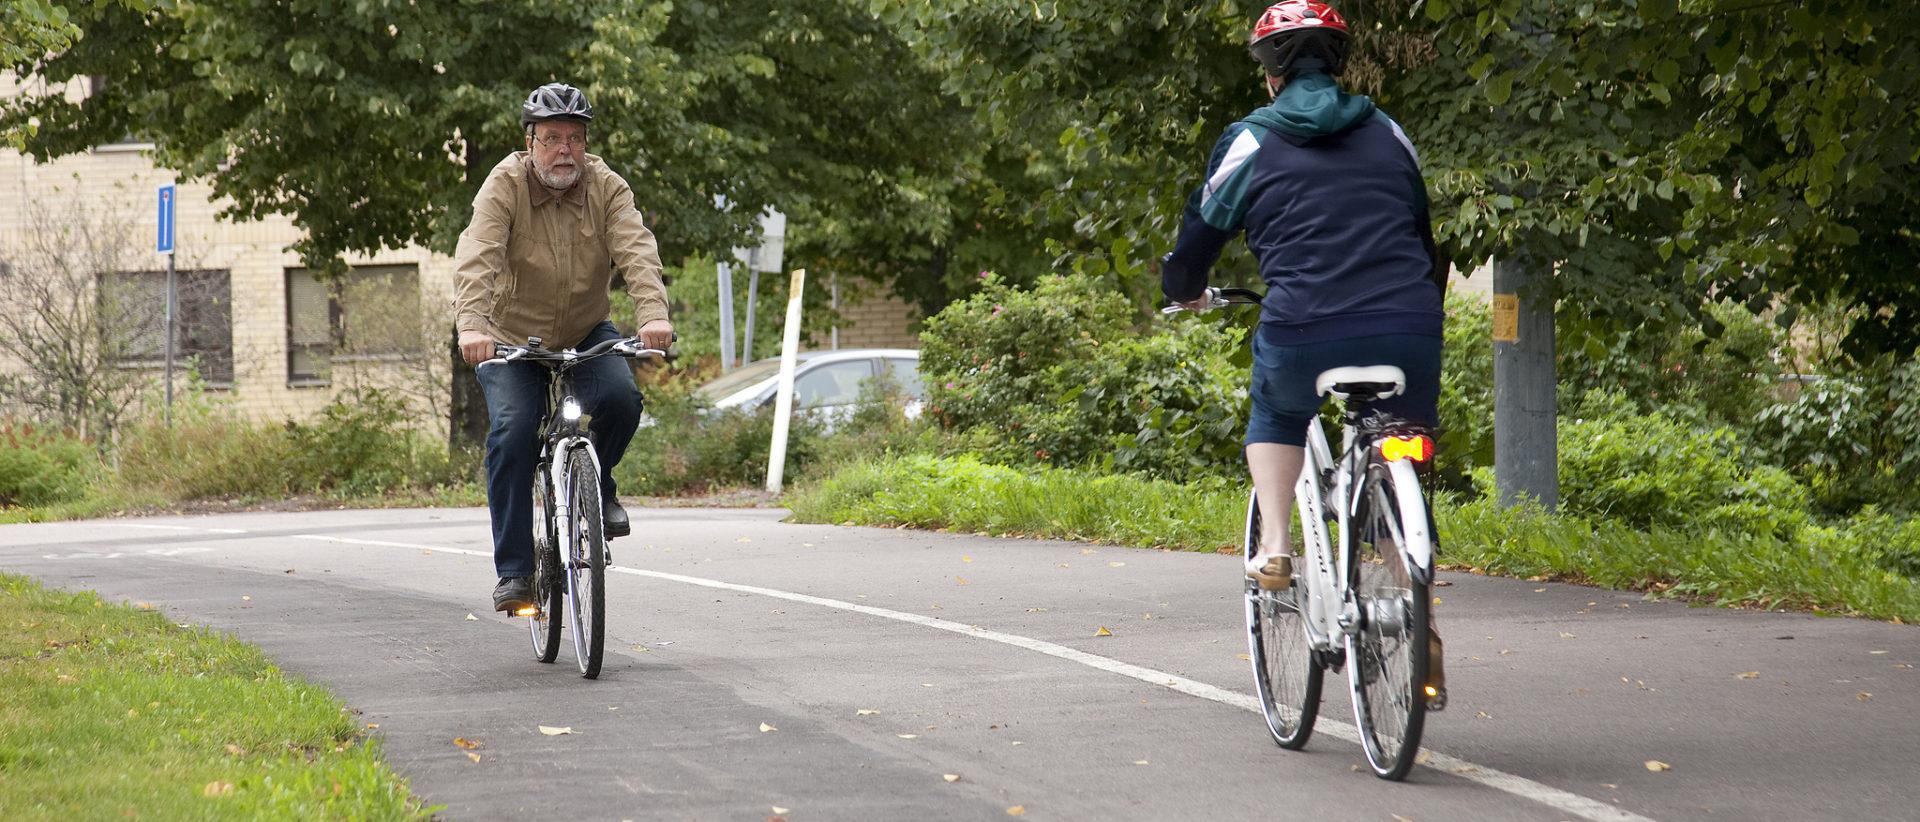 Kuvassa kaksi pyöräilijää kohtaa